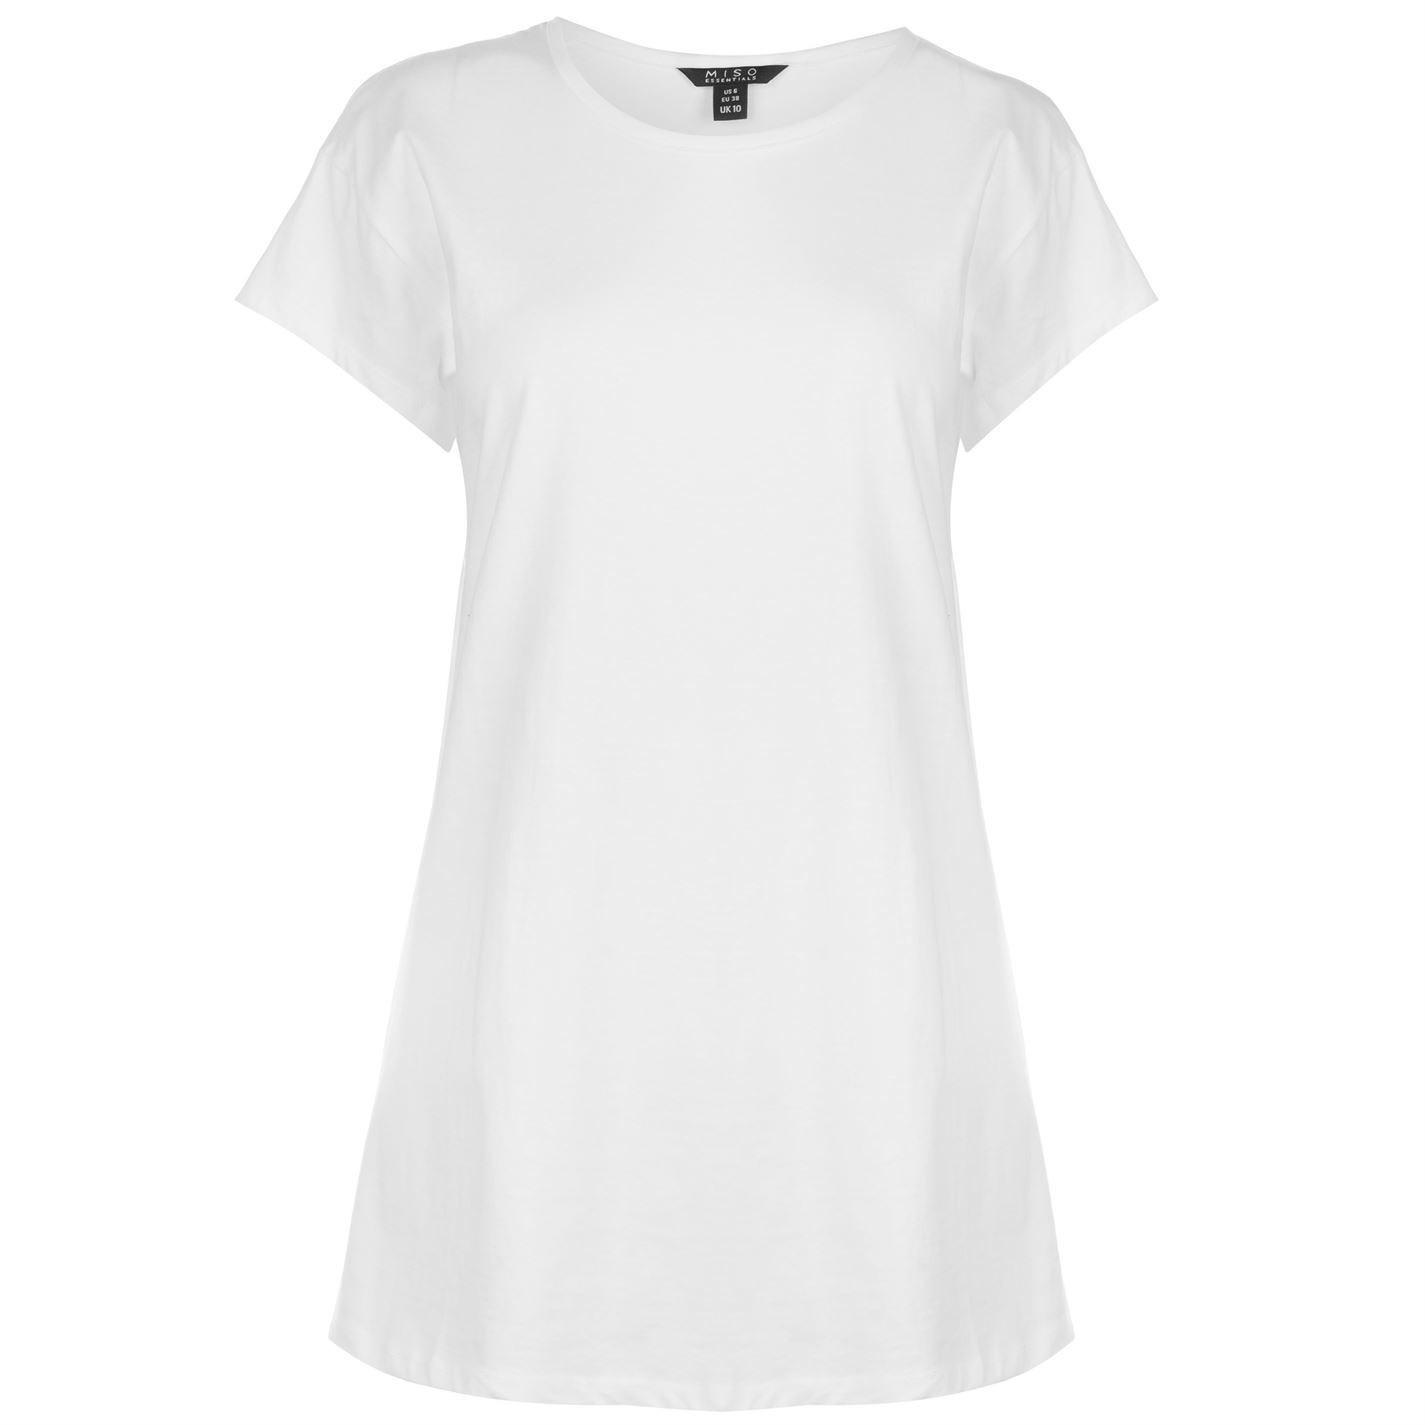 e1782f76 Miso Womens Scoop Boyfriend T Shirt Crew Neck Tee Top Short Sleeve  Lightweight